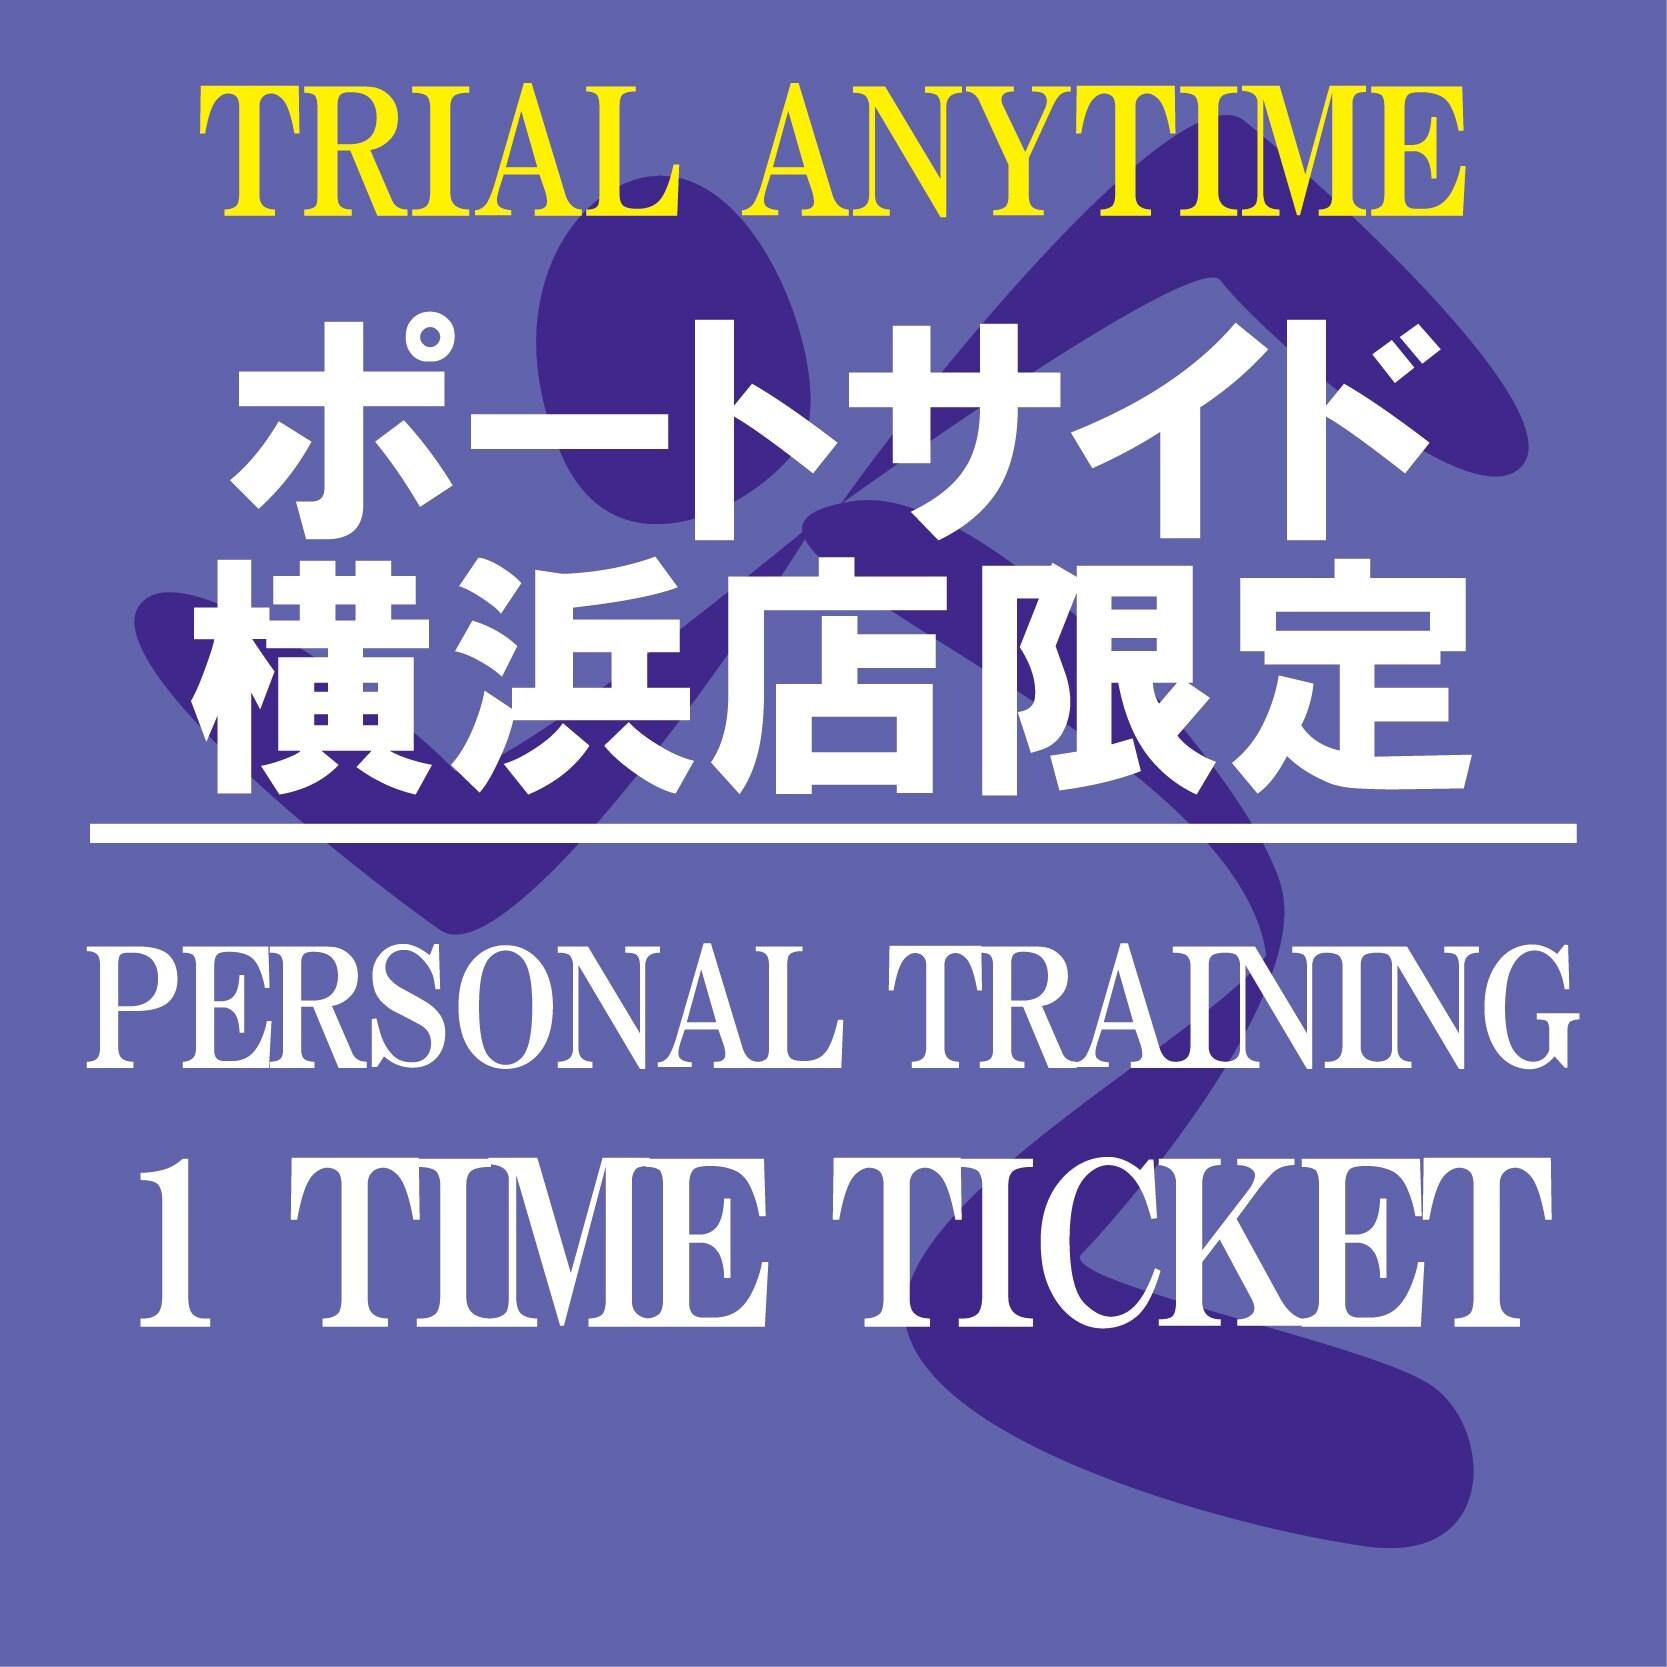 パーソナルトレーニング60分1回チケット〜ANYTIME TRIAL〜[エニタイムフィットネスポートサイド横浜店限定]のイメージその1